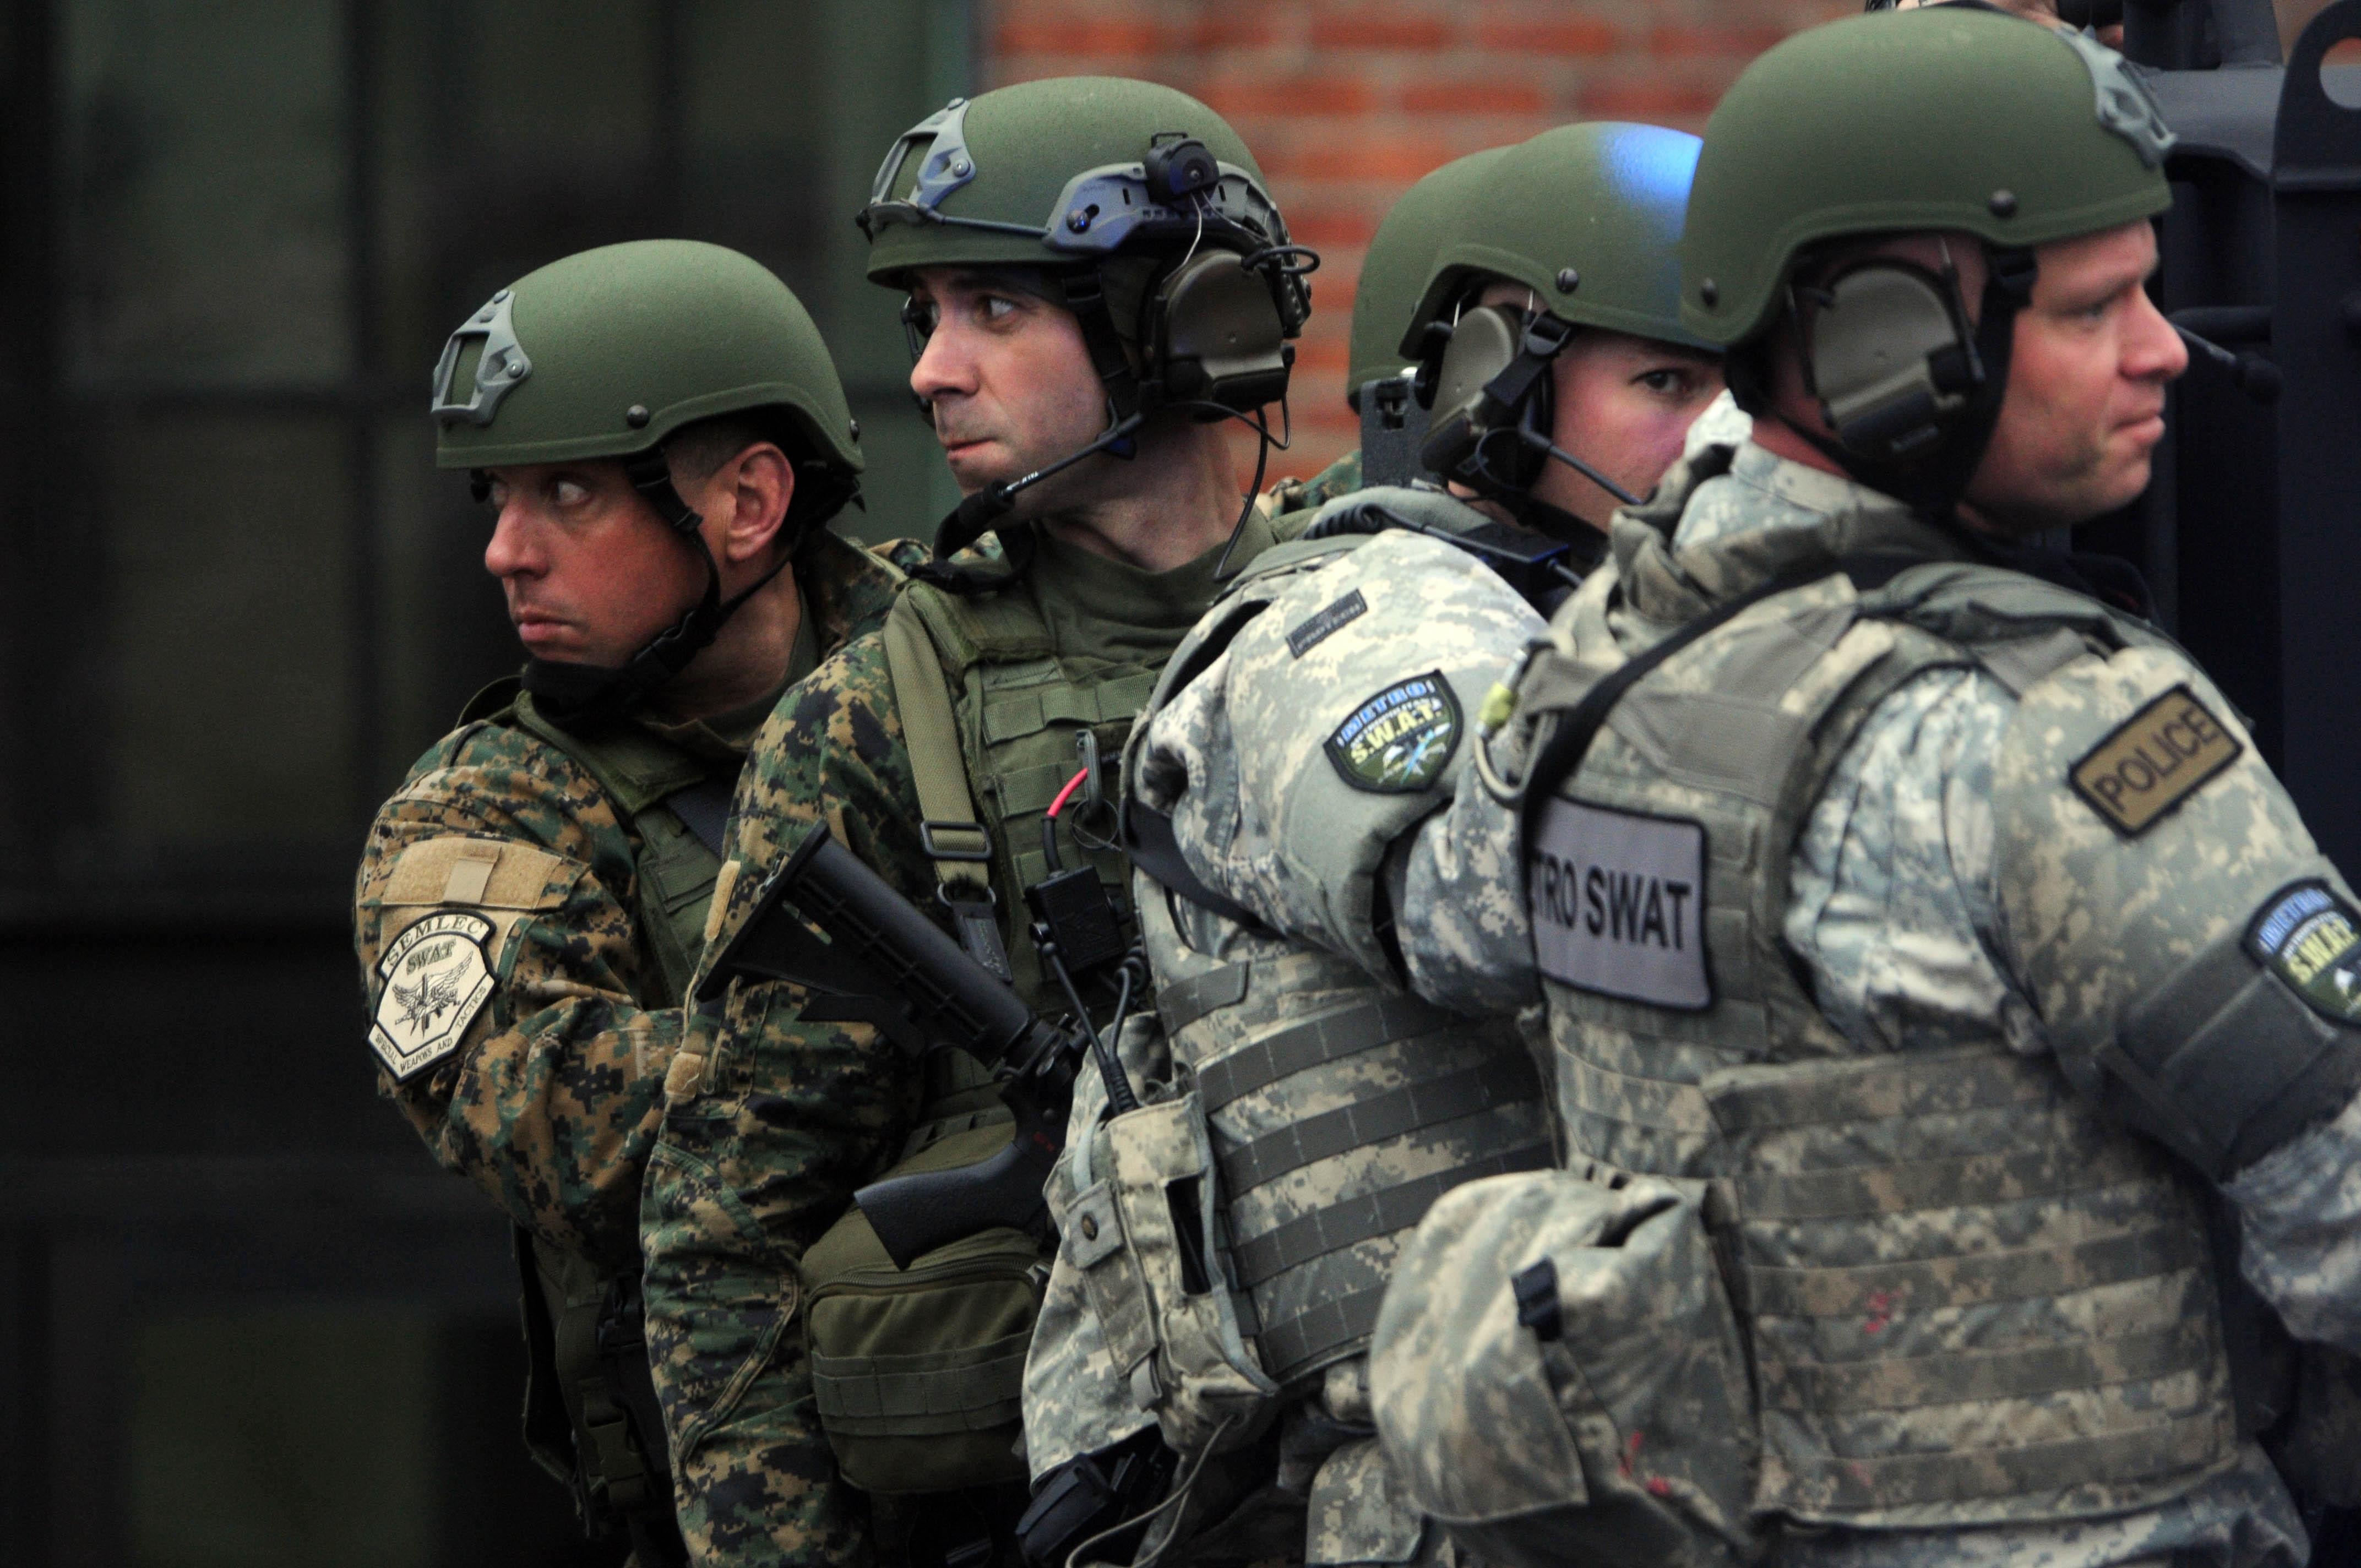 Caçada paralisa Boston por 22 horas: veja o cerco e a captura dos suspeitos pelo atentado nos EUA